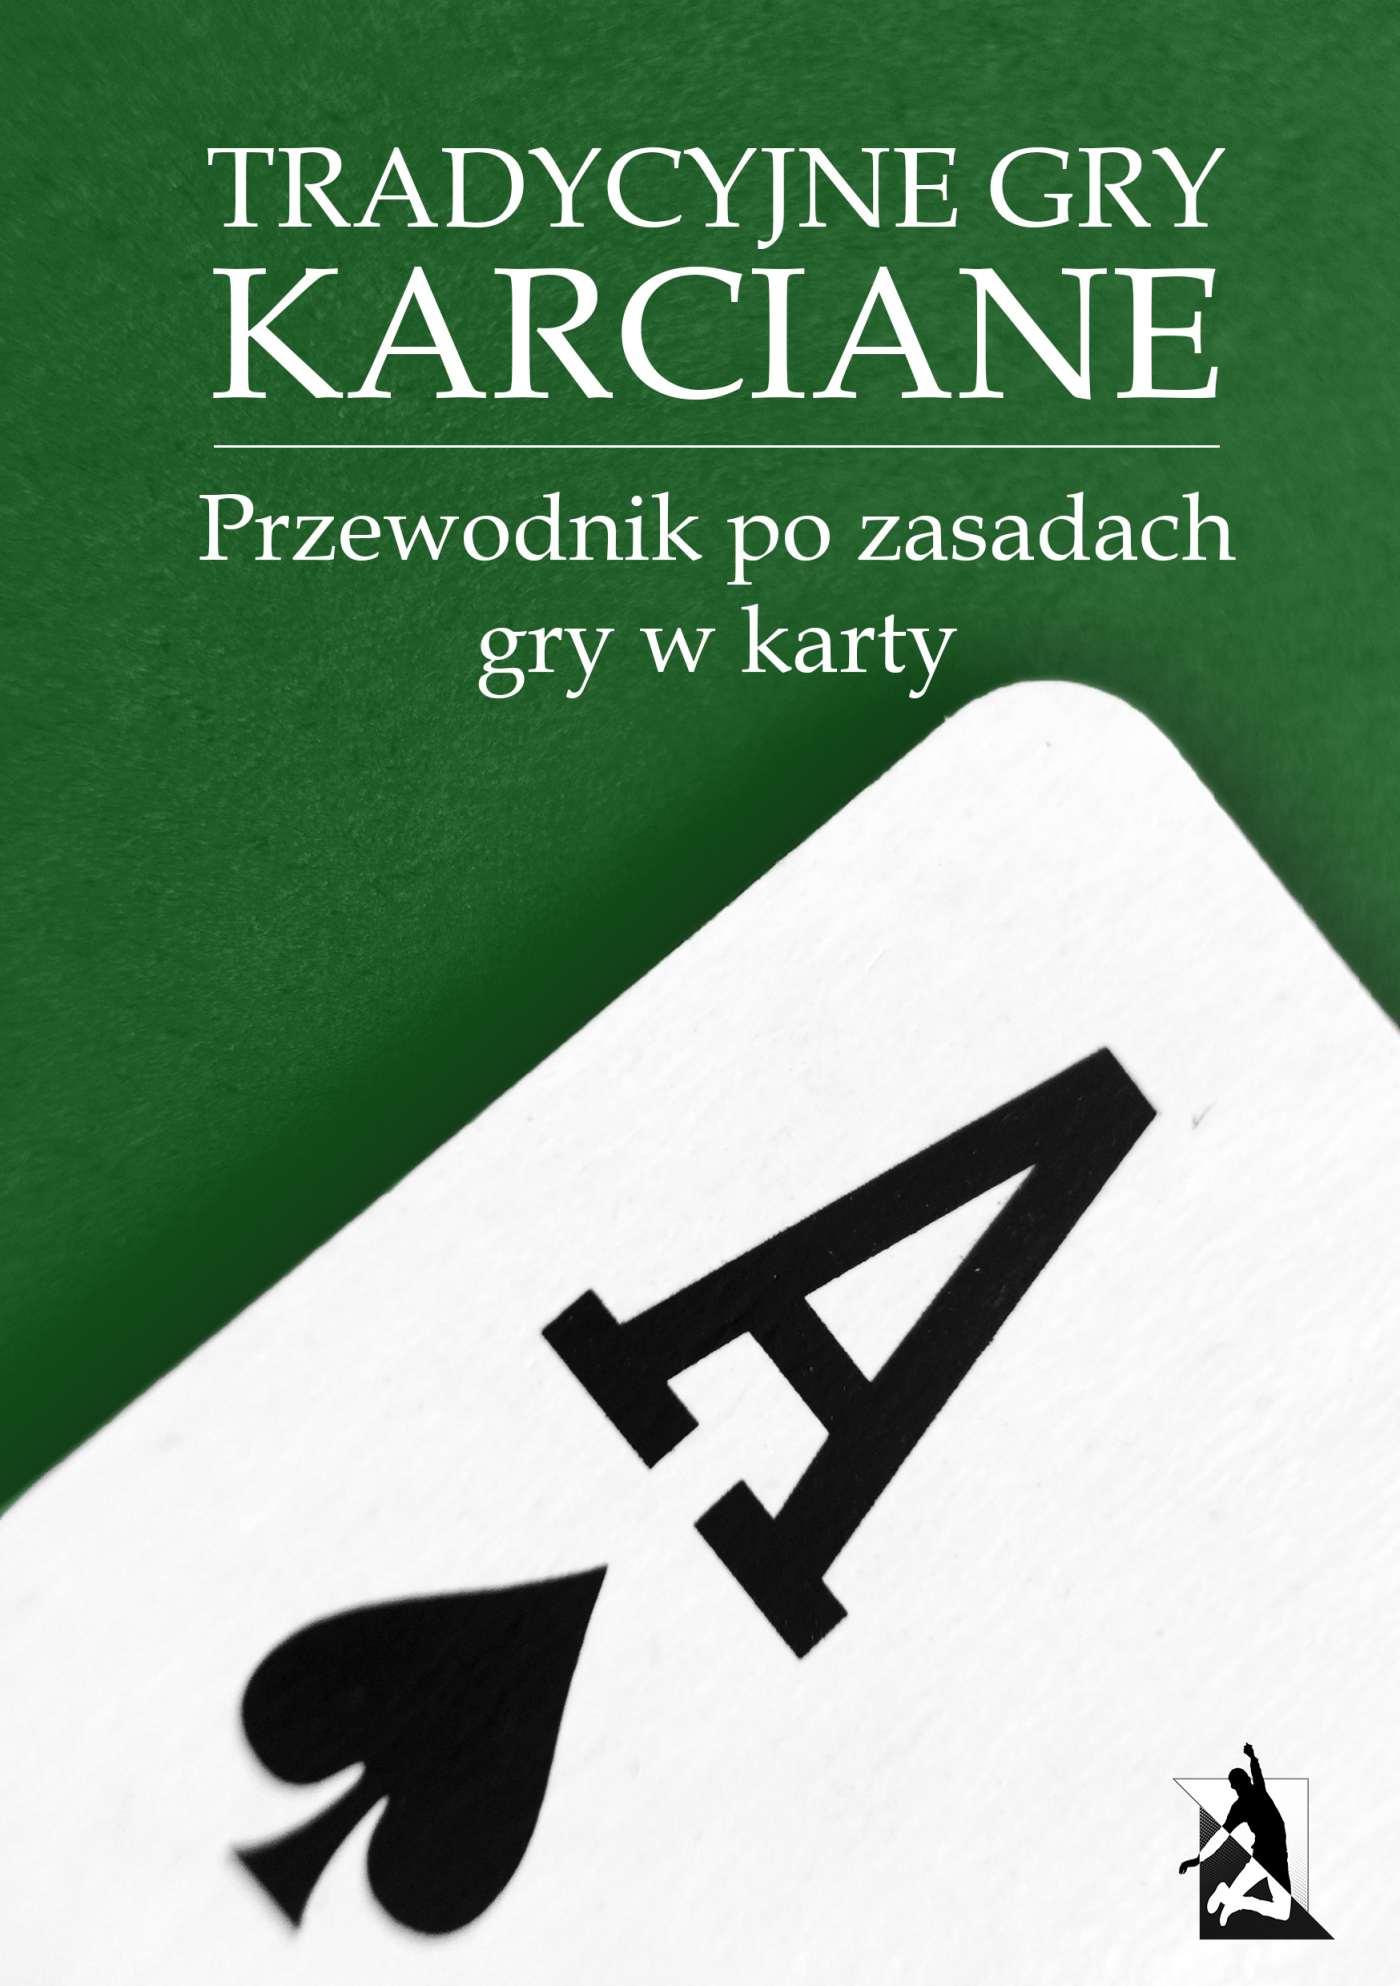 Tradycyjne gry karciane. Przewodnik po zasadach gry w karty - Ebook (Książka na Kindle) do pobrania w formacie MOBI